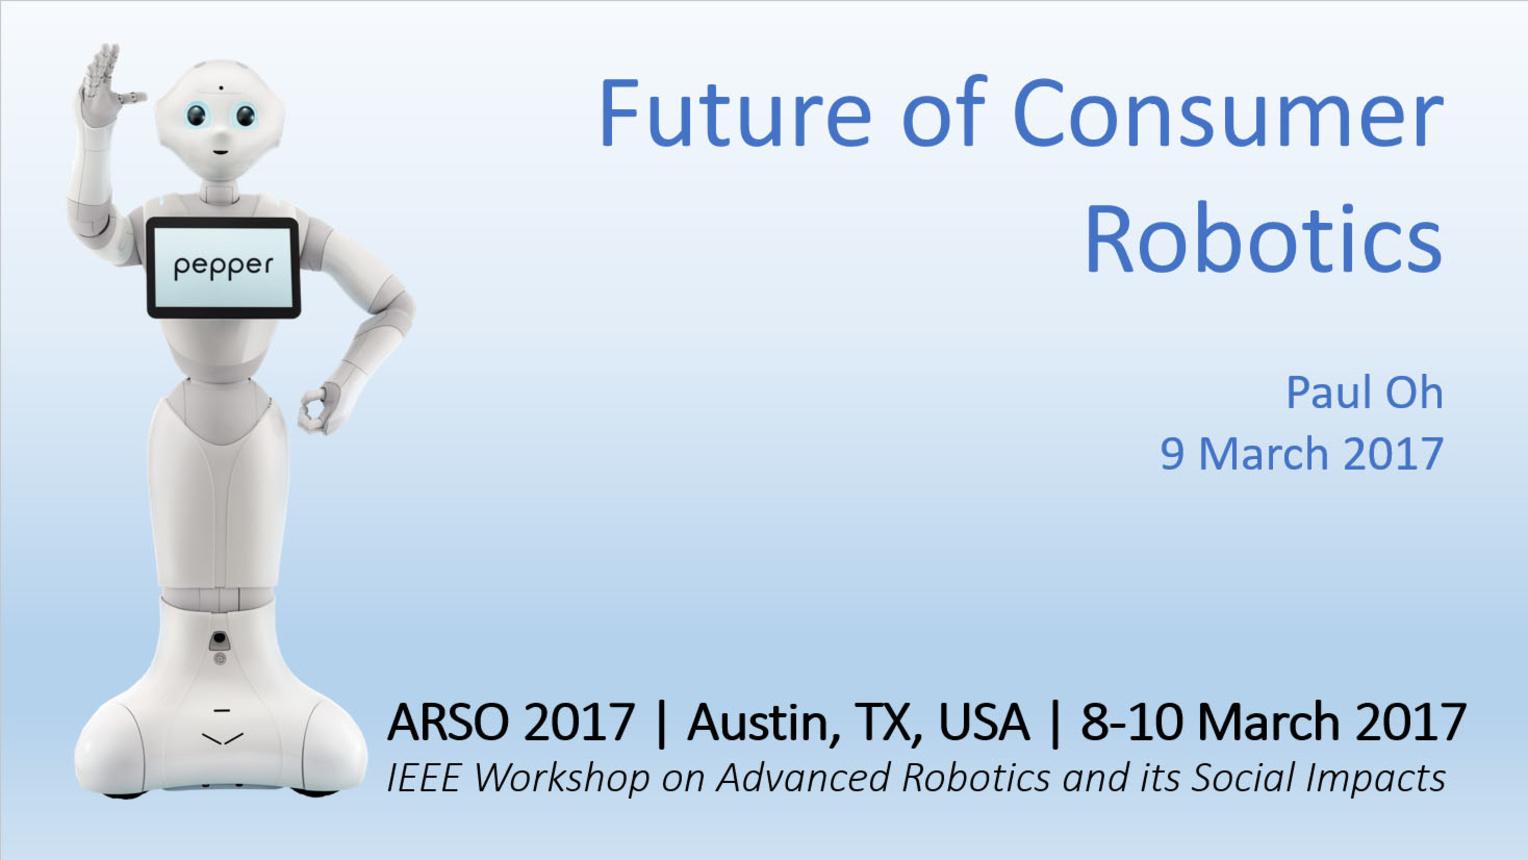 The Future of Consumer Robotics